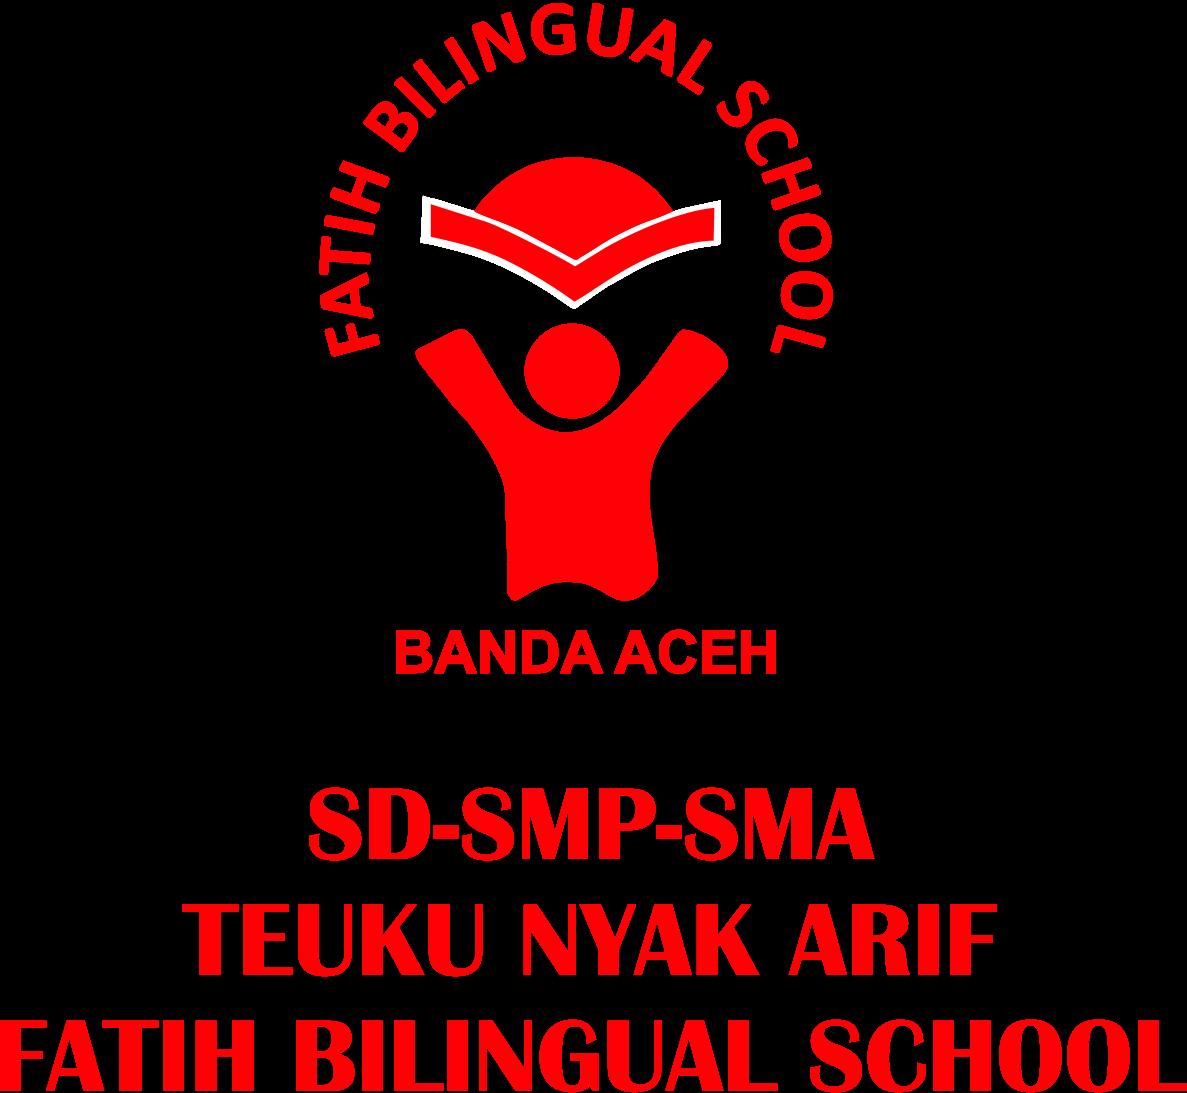 Teuku Nyak Arif Fatih Bilingual School